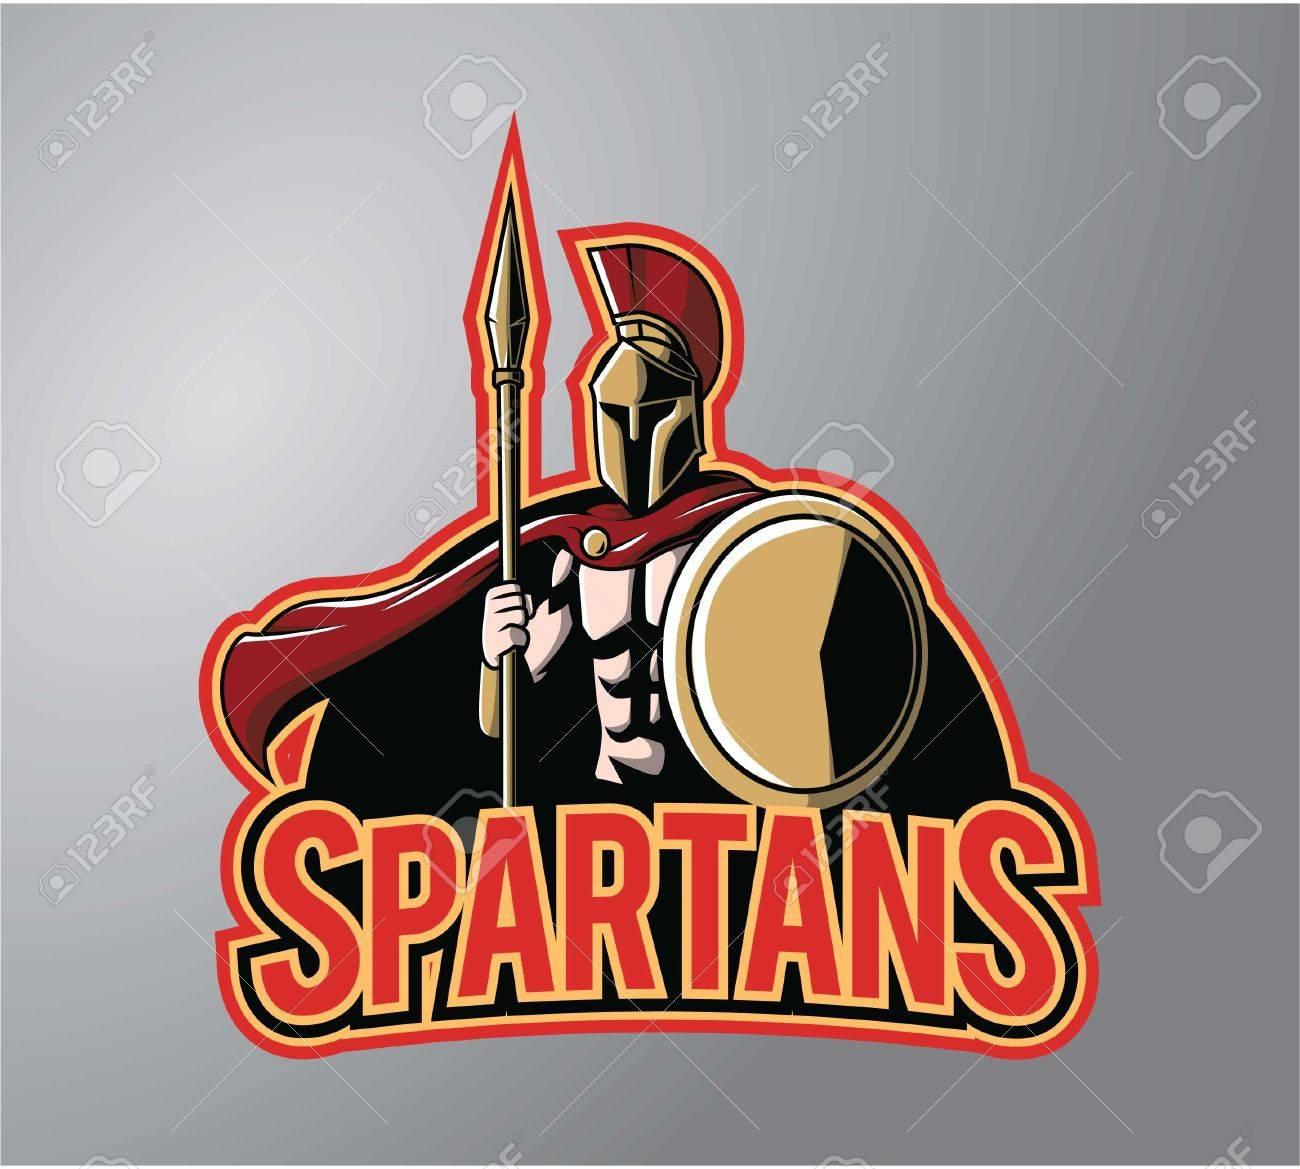 Spartans symbol illustration design - 50085556